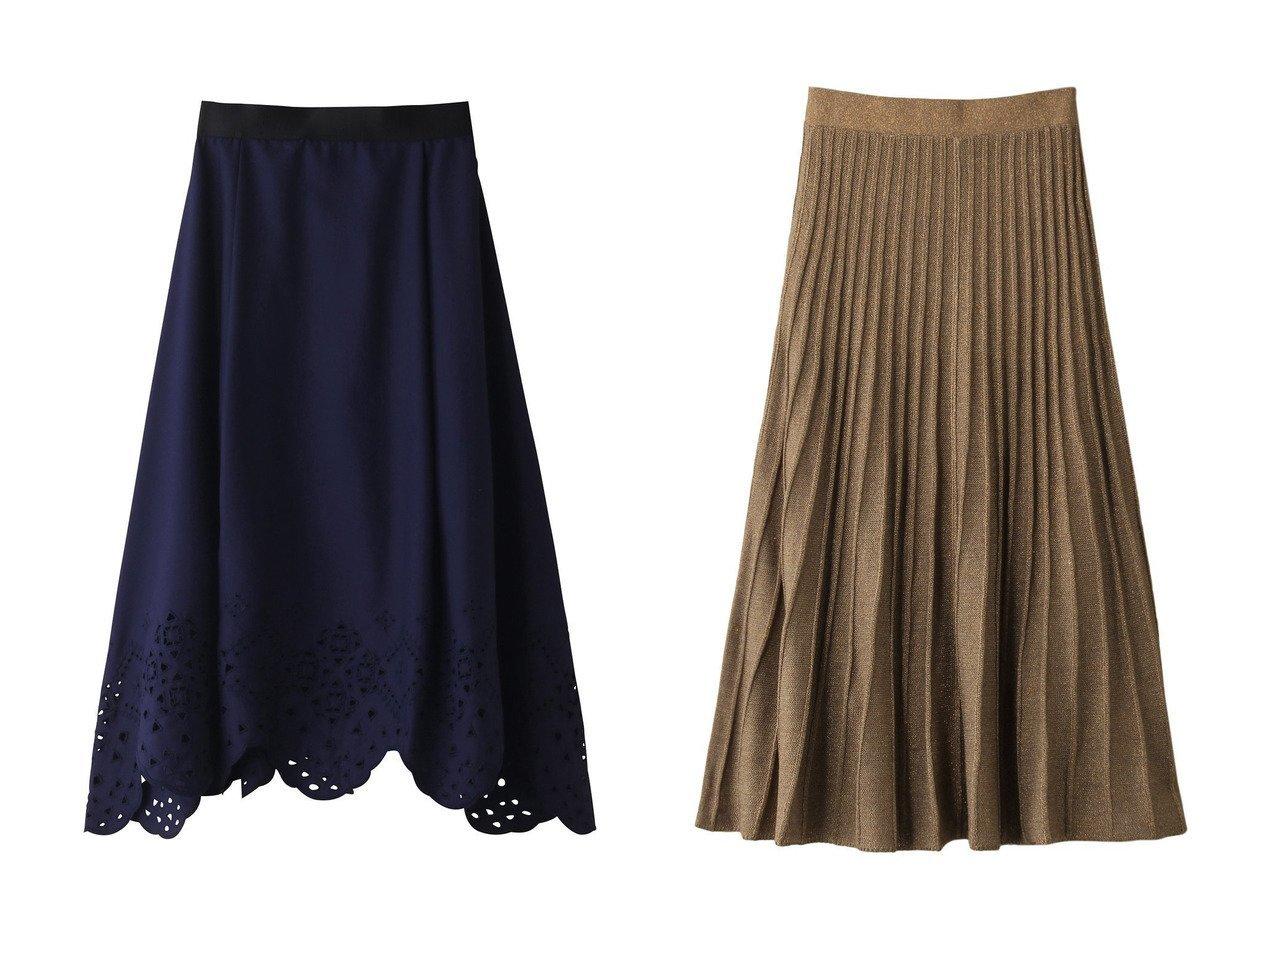 【MARILYN MOON/マリリンムーン】のフレアスカート&【PLAIN PEOPLE/プレインピープル】のクリアツイル刺繍フレアスカート スカートのおすすめ!人気、レディースファッションの通販  おすすめで人気のファッション通販商品 インテリア・家具・キッズファッション・メンズファッション・レディースファッション・服の通販 founy(ファニー) https://founy.com/ ファッション Fashion レディース WOMEN スカート Skirt Aライン/フレアスカート Flared A-Line Skirts ロングスカート Long Skirt フレア ヘムライン ランダム ロング |ID:crp329100000000084